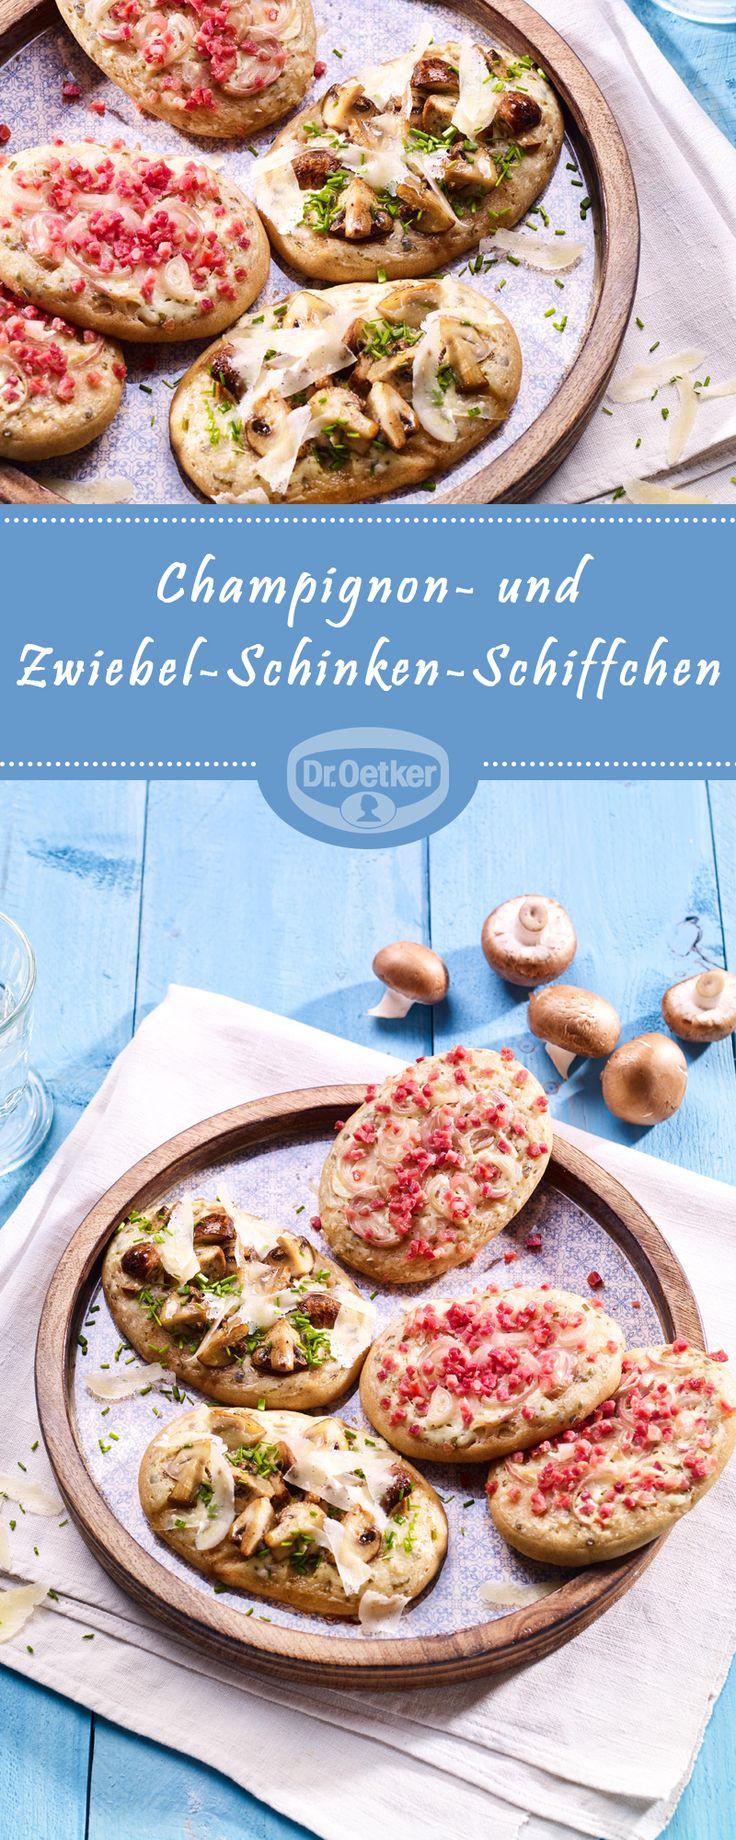 Champignon- oder Zwiebel-Schinken-Schiffchen: Kleine Hefeteig-Fladen mit Champignon- oder Schinken-Zwiebel-Belag